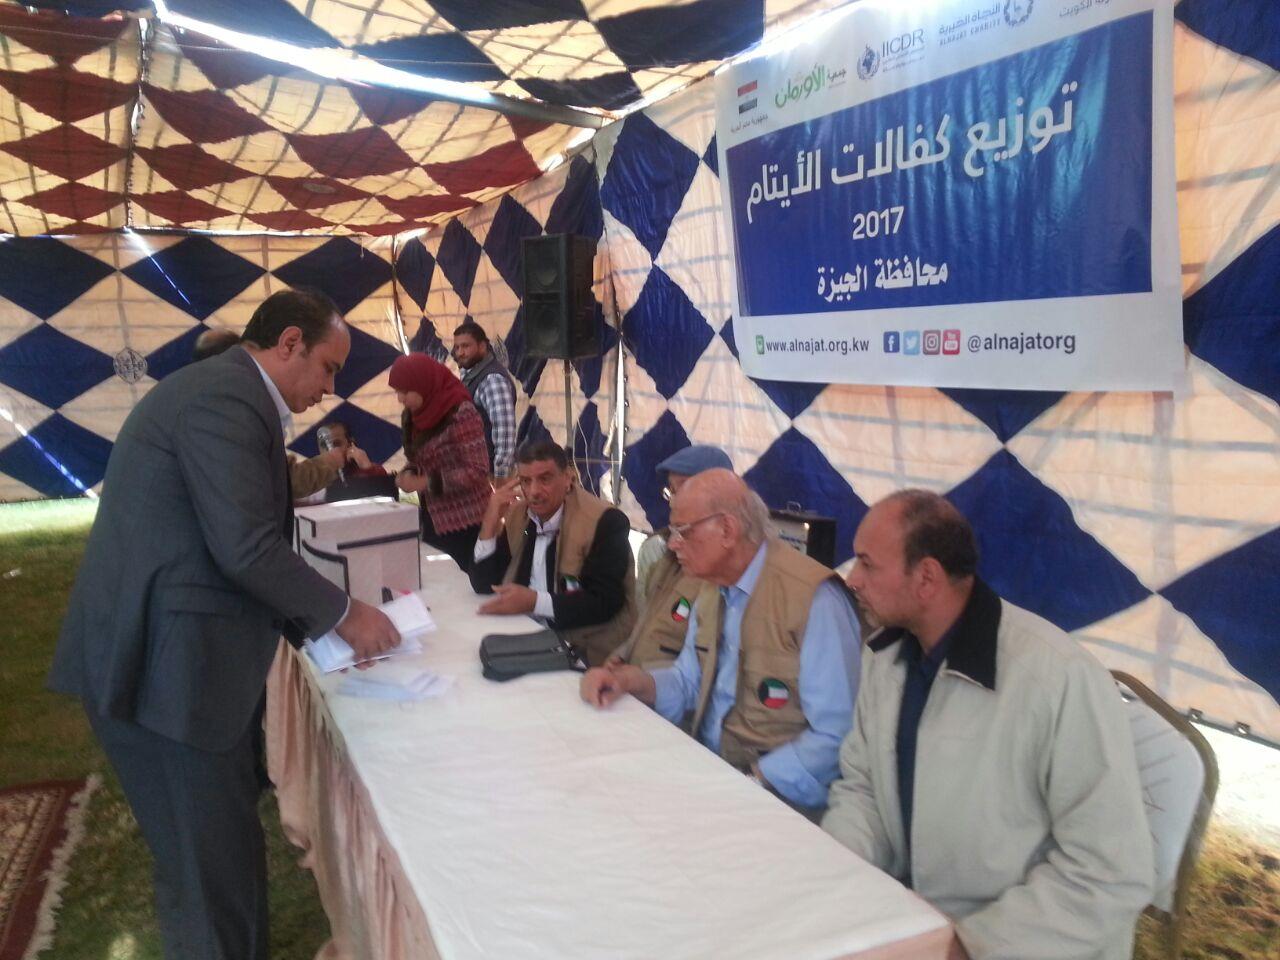 زكاة العثمان وزعت كفالات الأيتام لعدد 825 يتيم في جمهورية مصر العربية